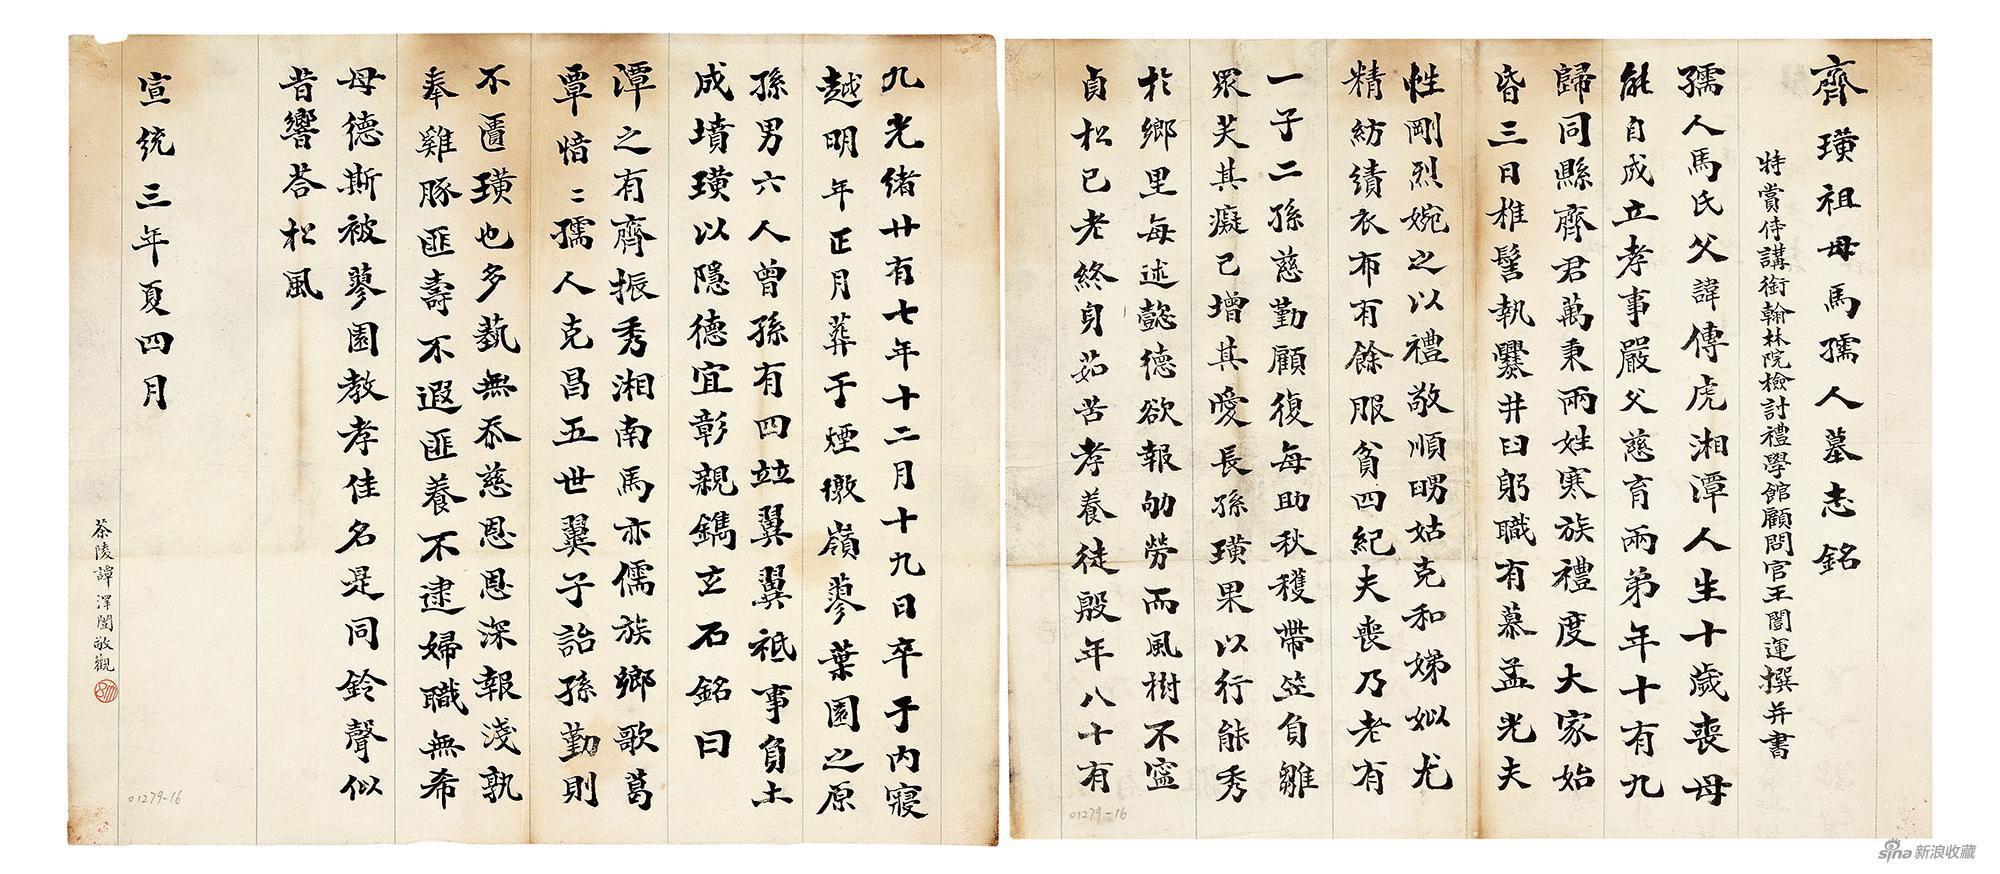 齐璜祖母马孺人墓志铭 王闿运 1911年 31.8×35.5cm×2 纸本墨笔 北京画院藏